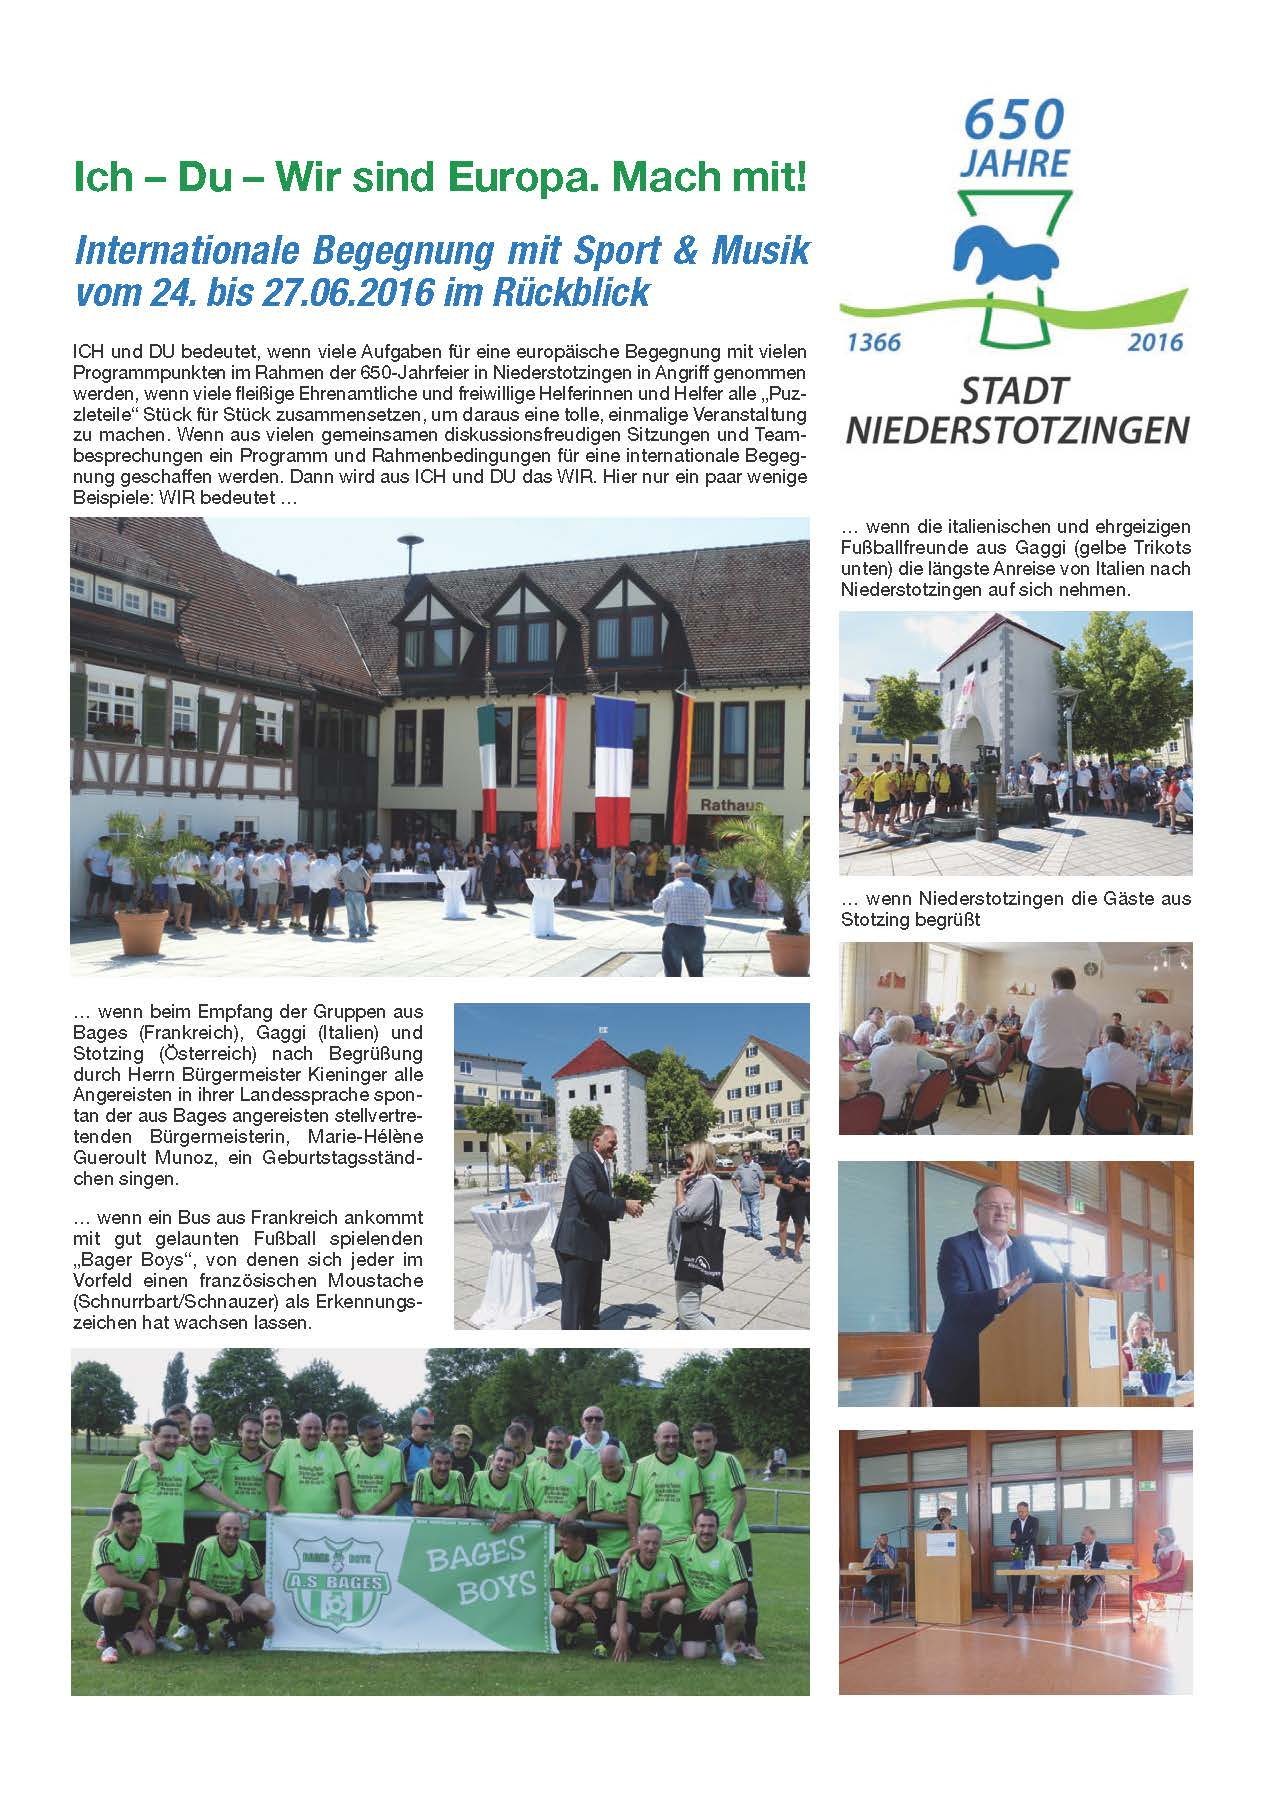 Rückblick Internationale Begegnung mit Sport und Musik vom 24. bis 27.06.2016 Seite 1